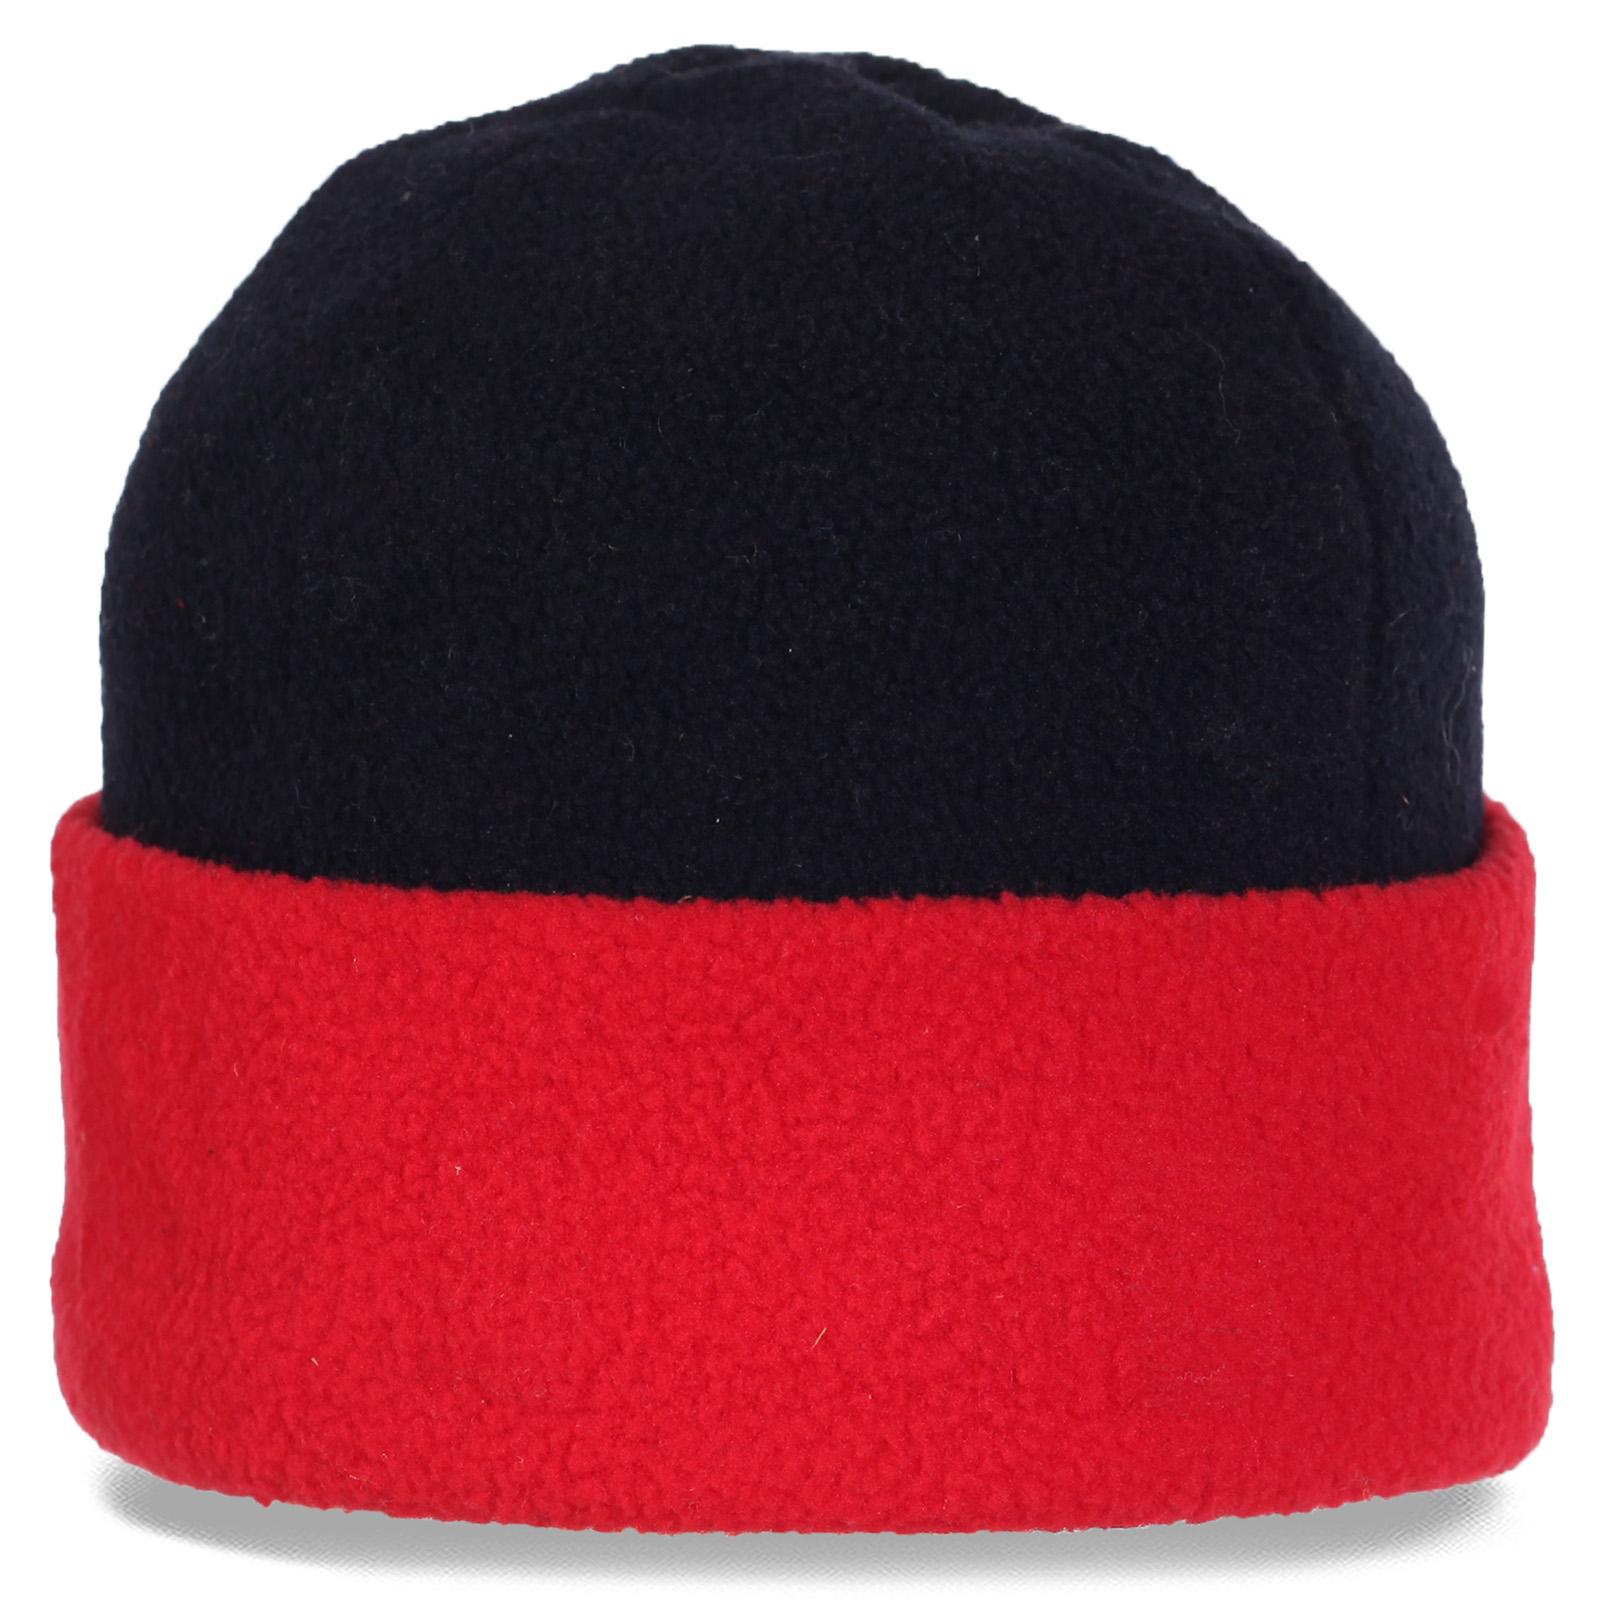 Традиционная флисовая зимняя шапка с отворотом утепленная флисом. В такой шапке Вы точно не замерзнете!